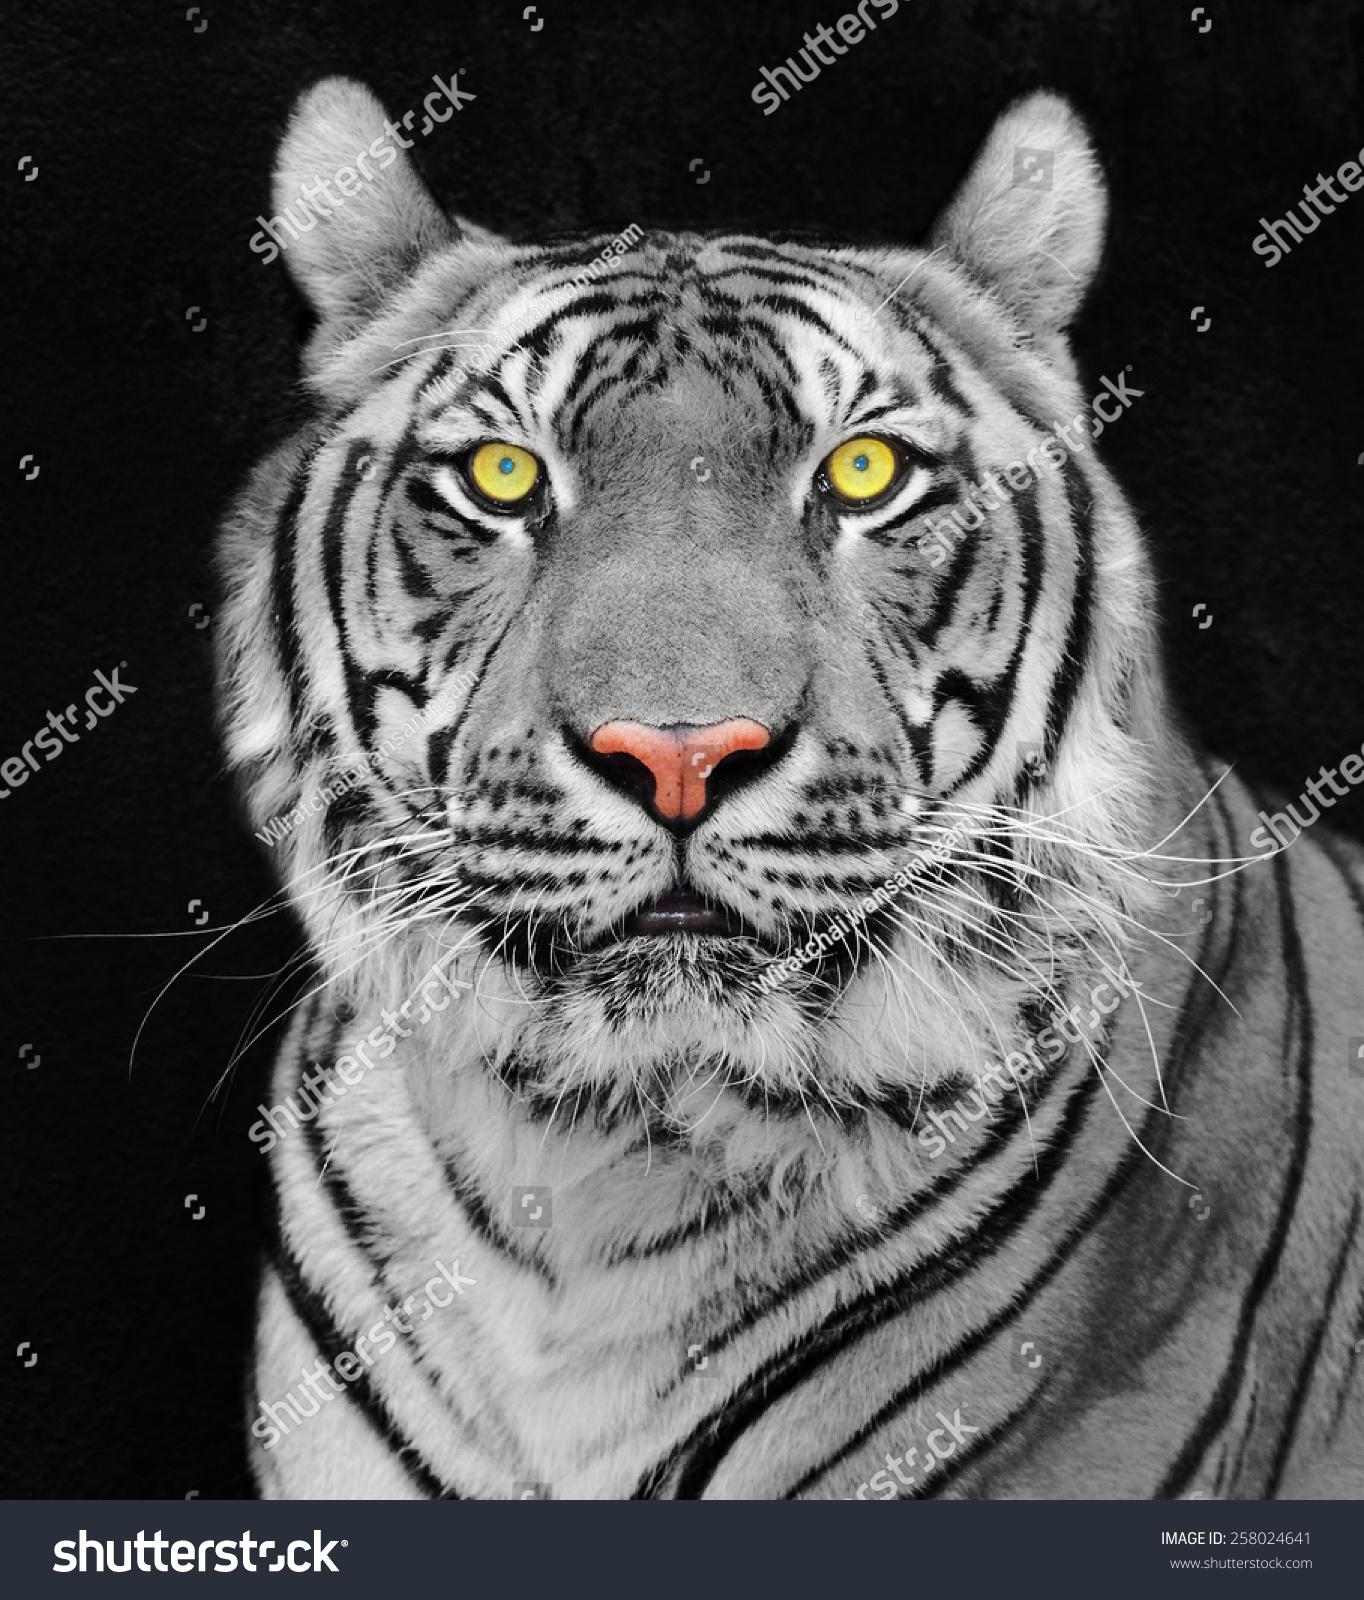 老虎,老虎的画像.-动物/野生生物,自然-海洛创意()-.